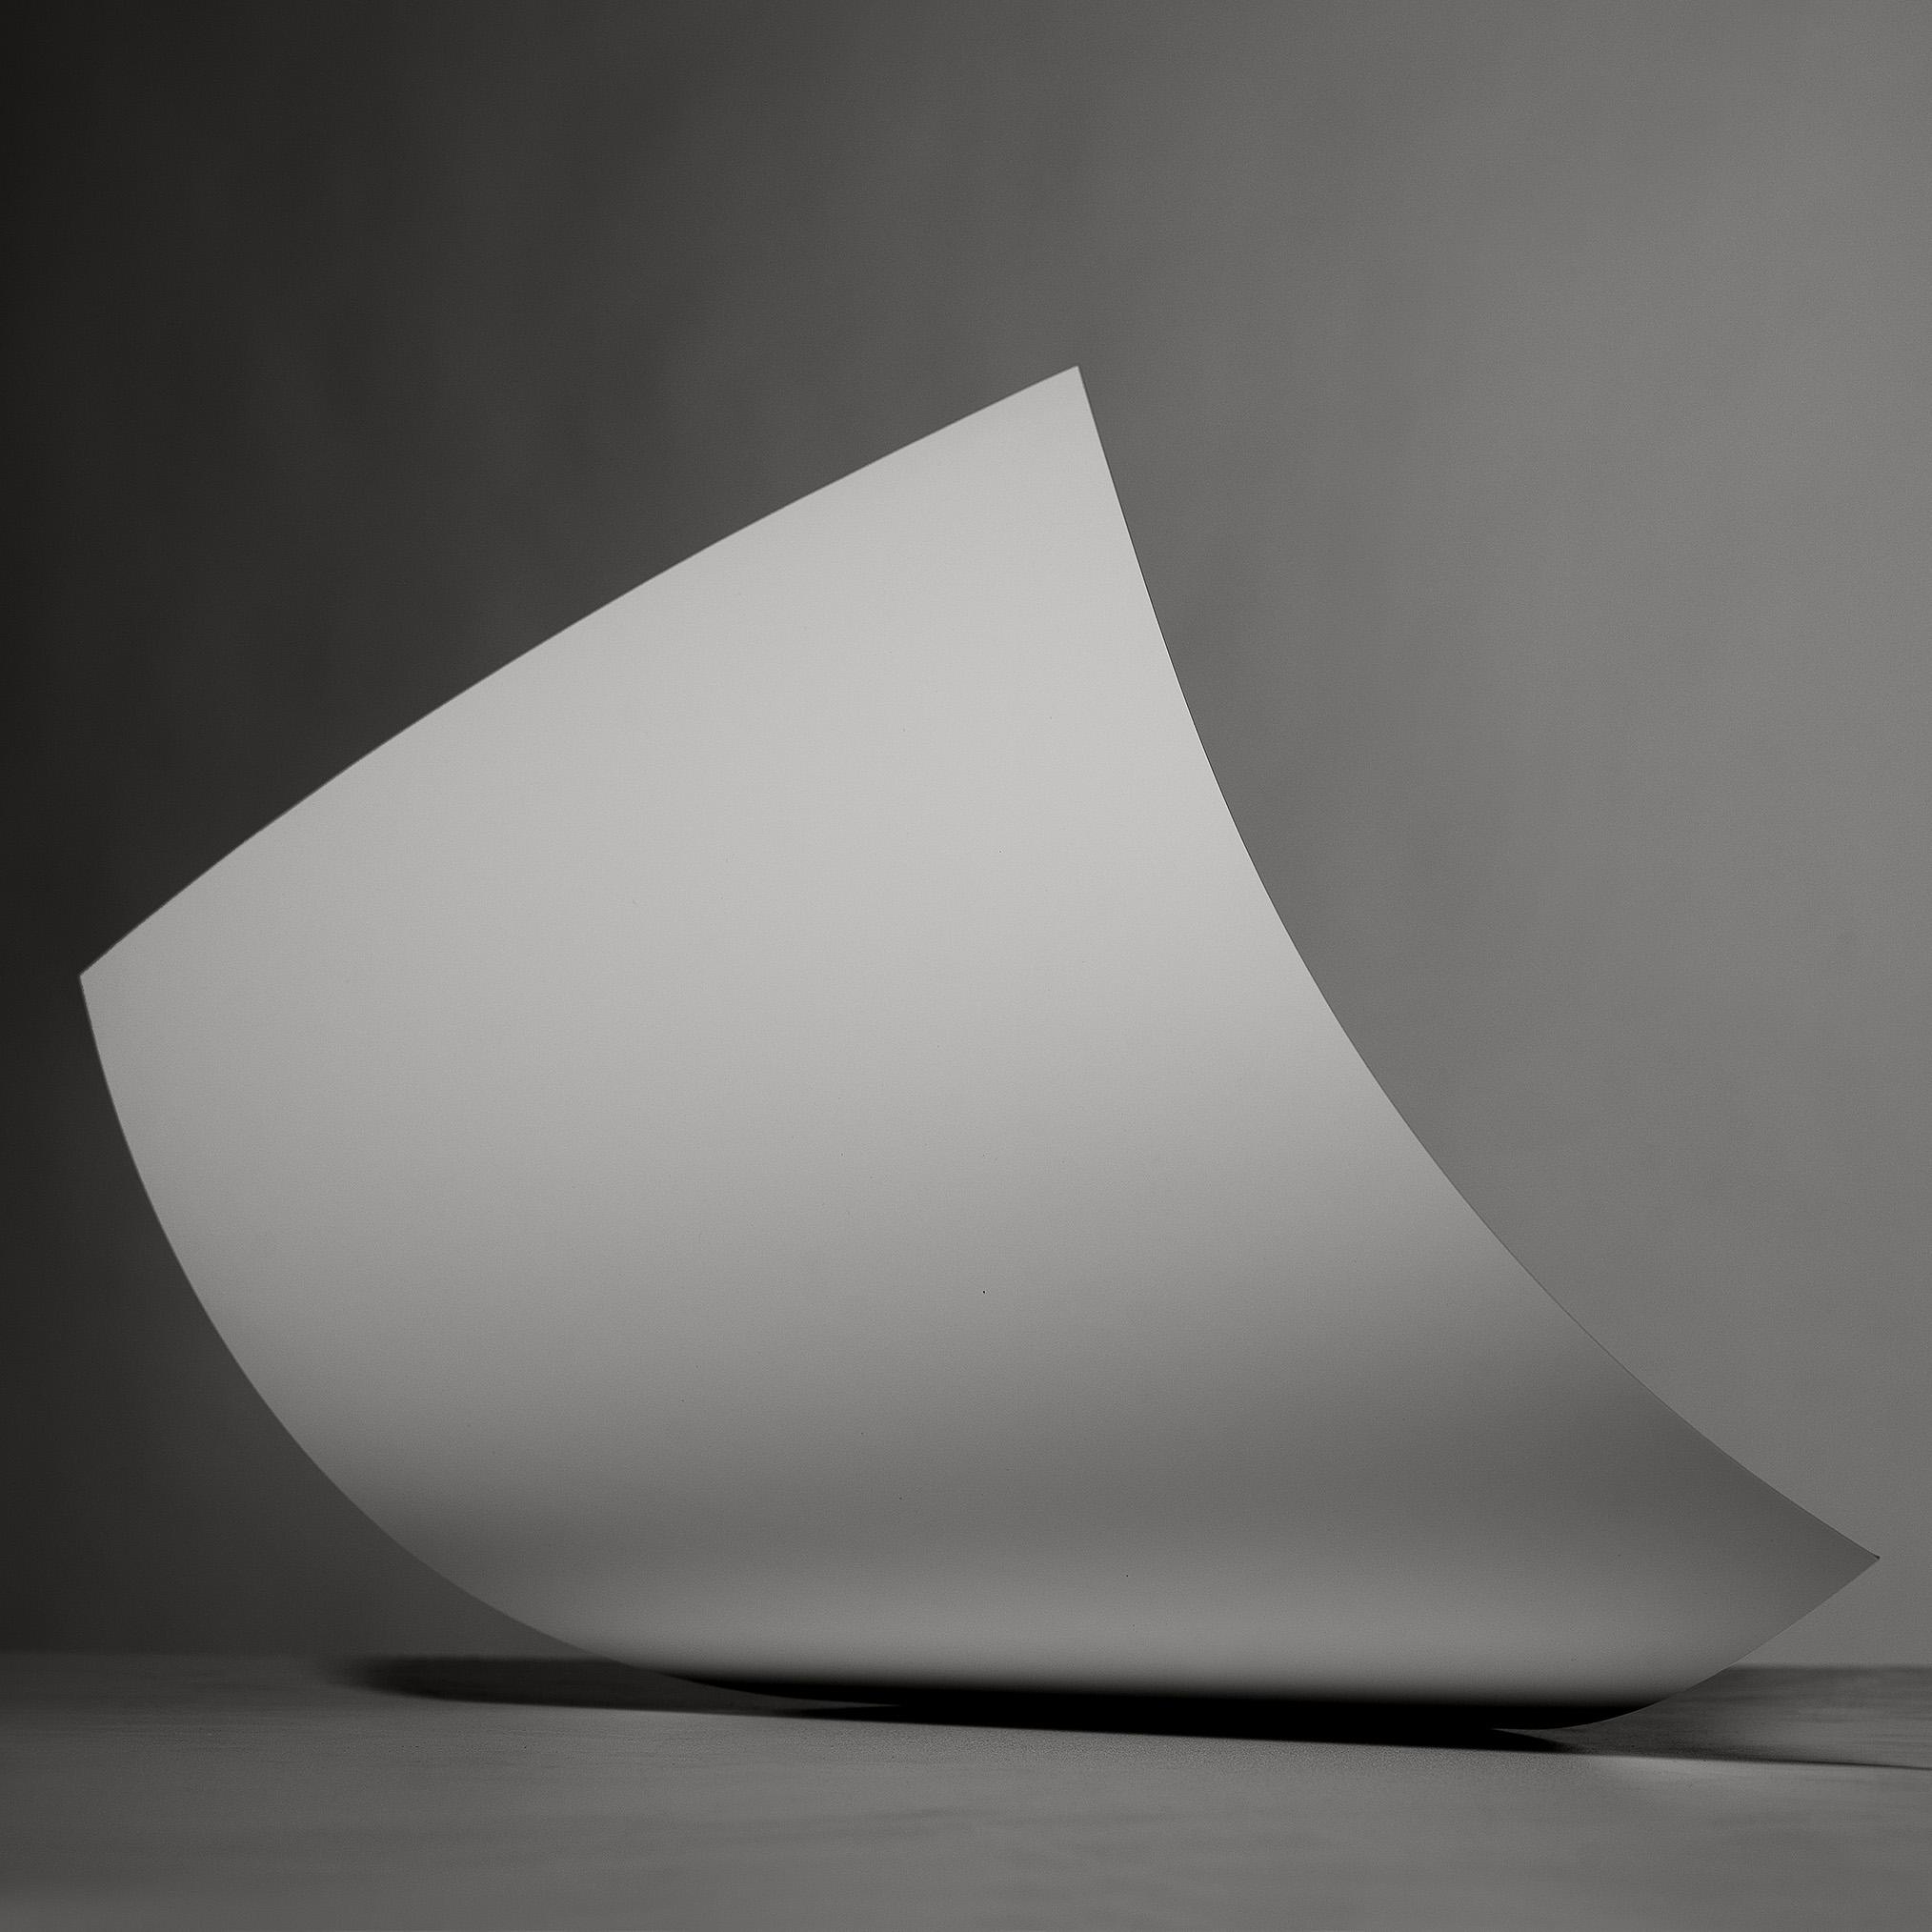 StillLifePhotographyPaperSculpture2.jpg